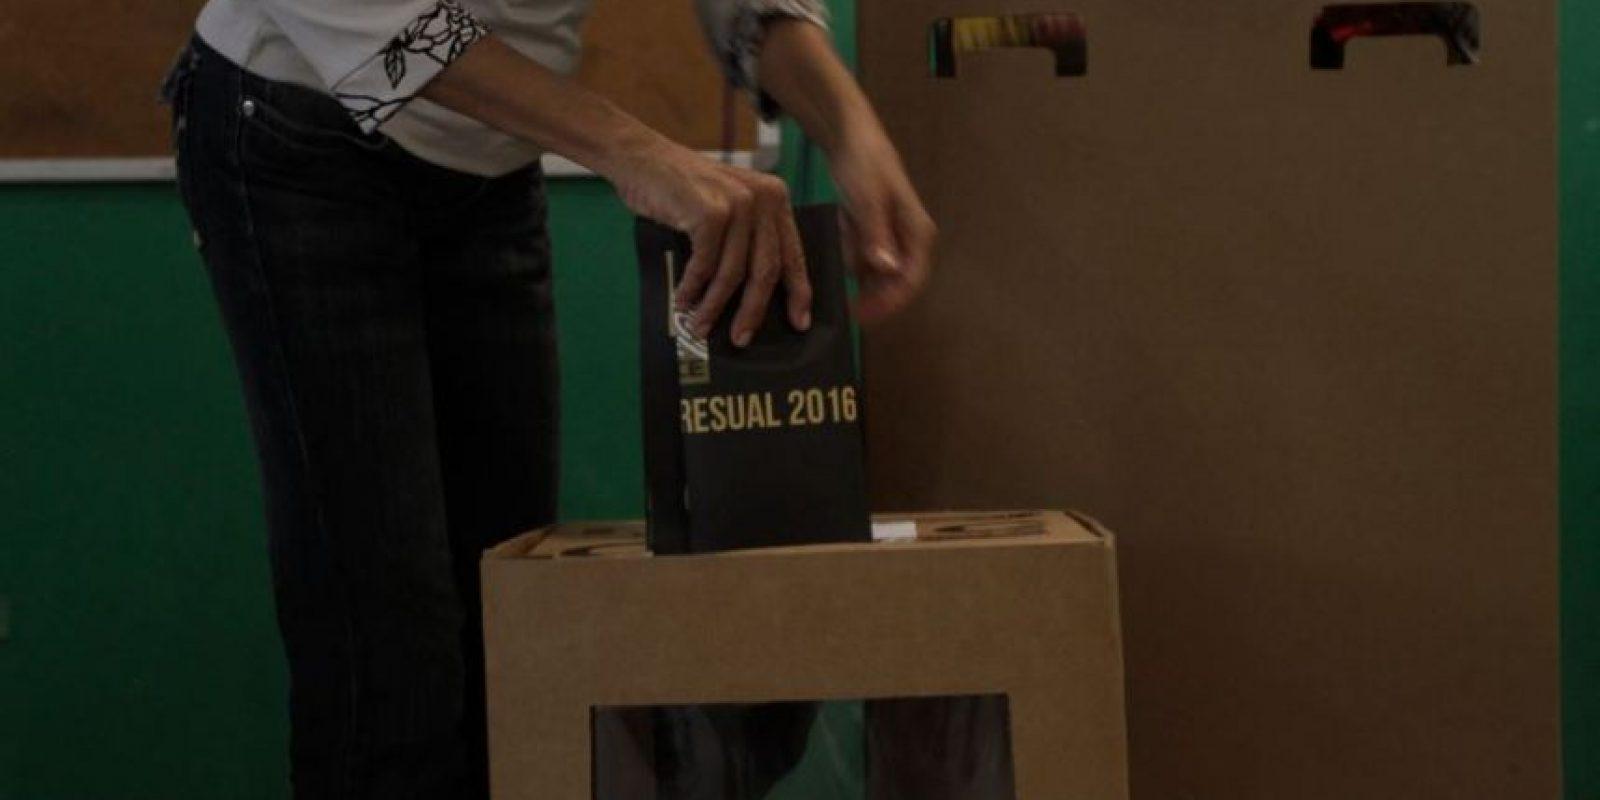 Votaciones del 15 de mayo Foto:Roberto Guzmán